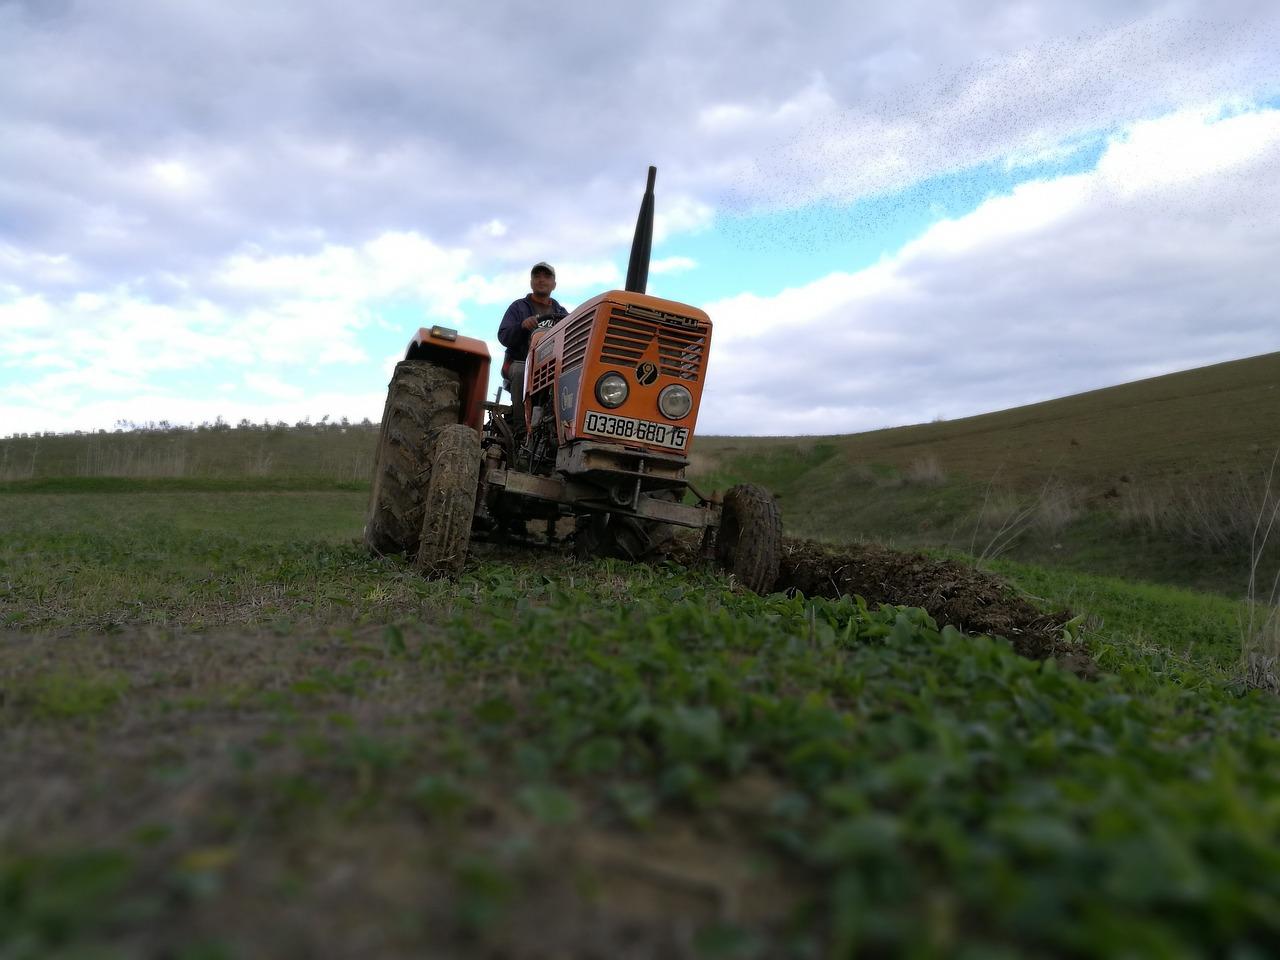 черепаха на тракторе фото стоять неподвижно одном